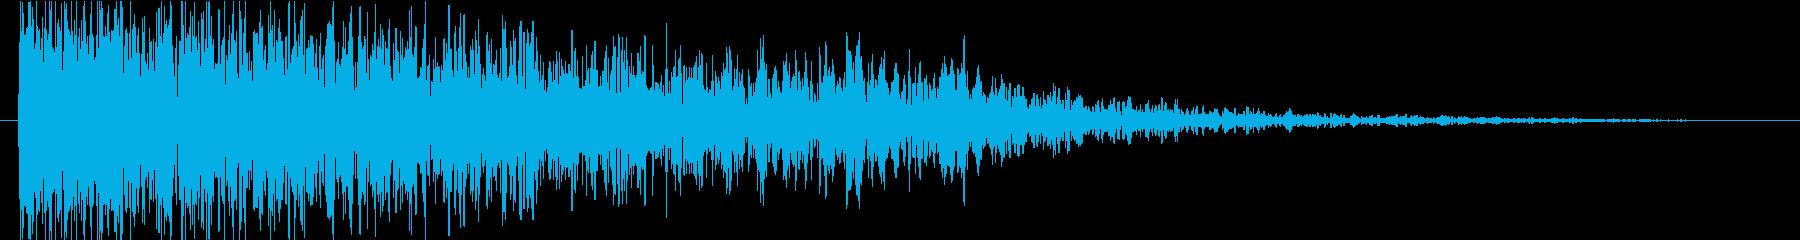 衝撃 ミステリアスファイア01の再生済みの波形